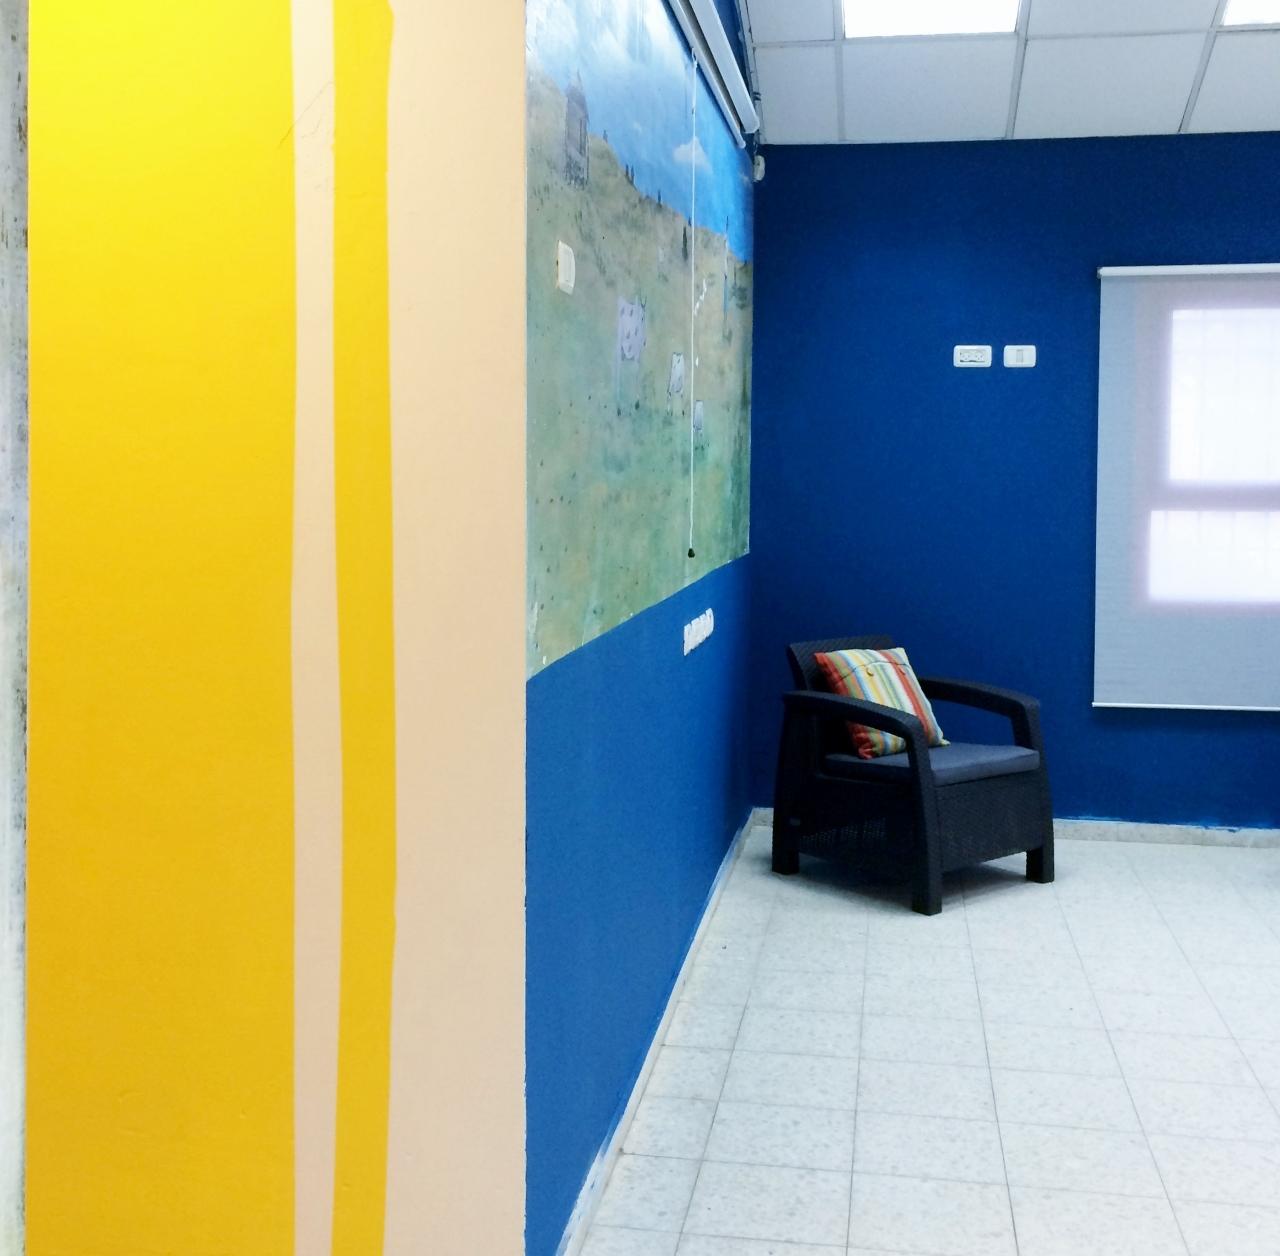 ציור קיר וצבעי שקיעה מדברית